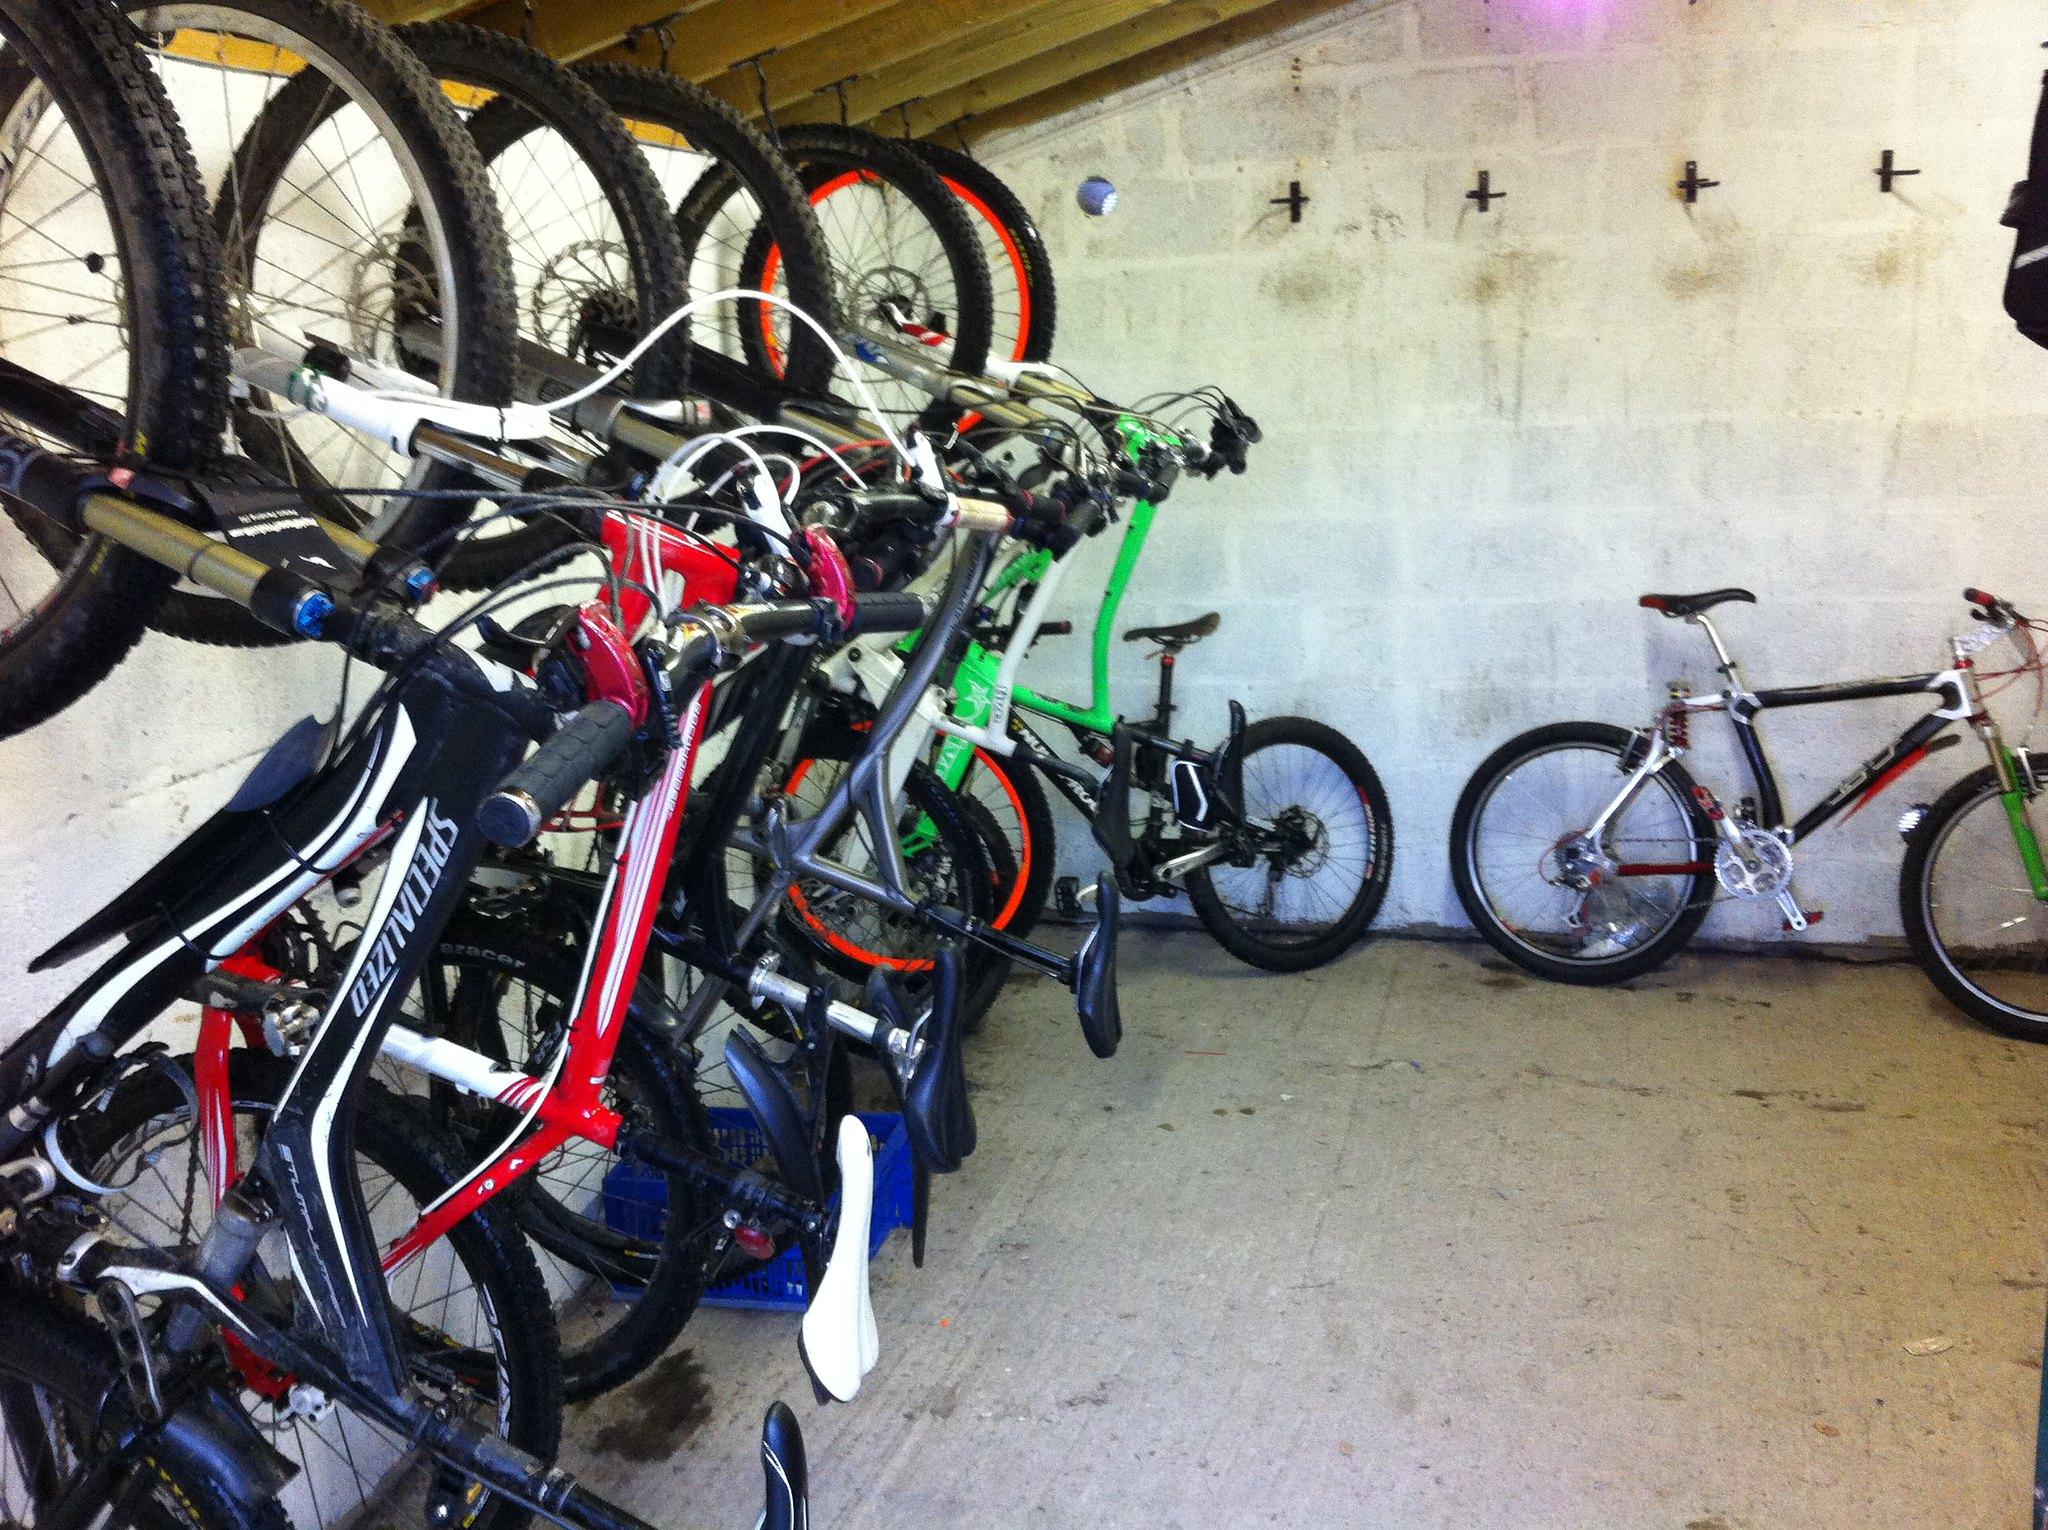 Услуга по хранению велосипедов зимой в теплой веломастерской